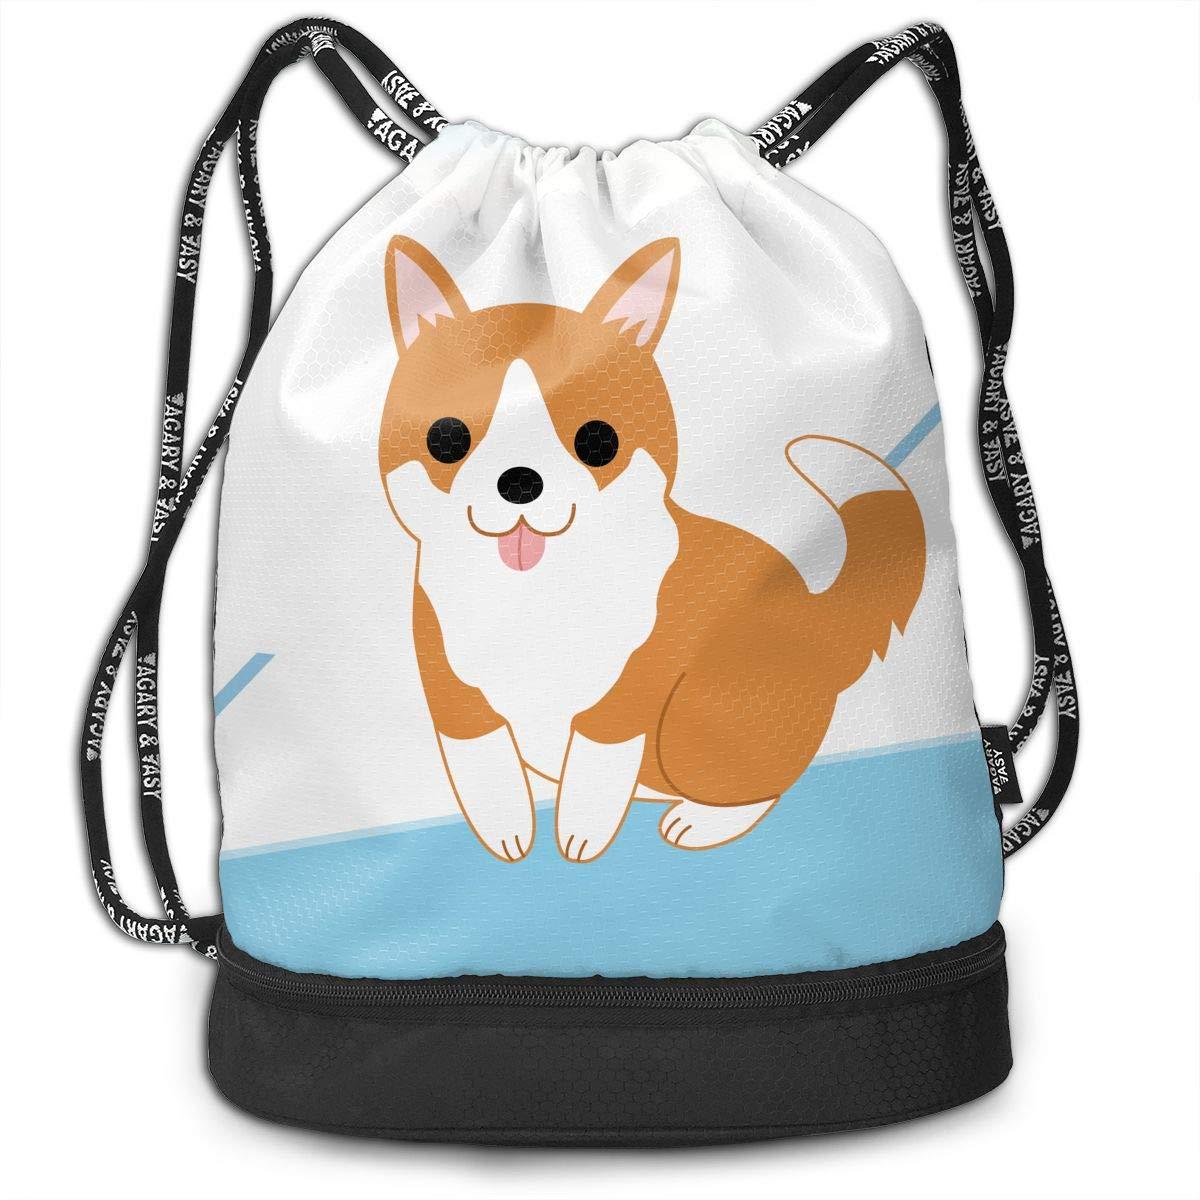 HUOPR5Q Cute Puppy Drawstring Backpack Sport Gym Sack Shoulder Bulk Bag Dance Bag for School Travel